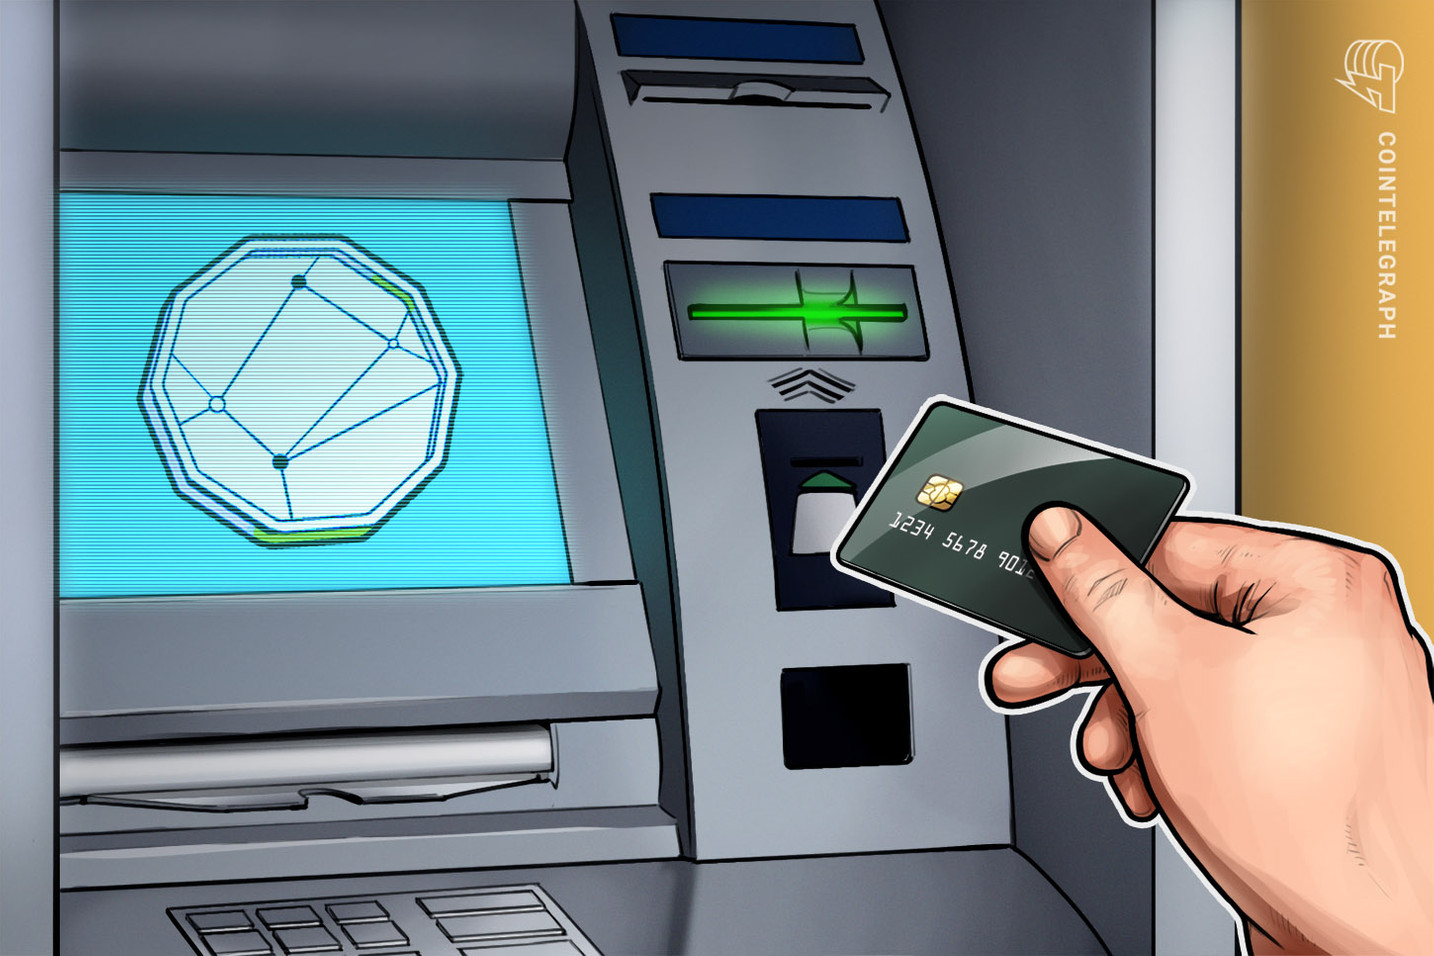 カナダの仮想通貨取引所、既存ATMにビットコイン販売機能を追加できるソフトの開発企業を買収